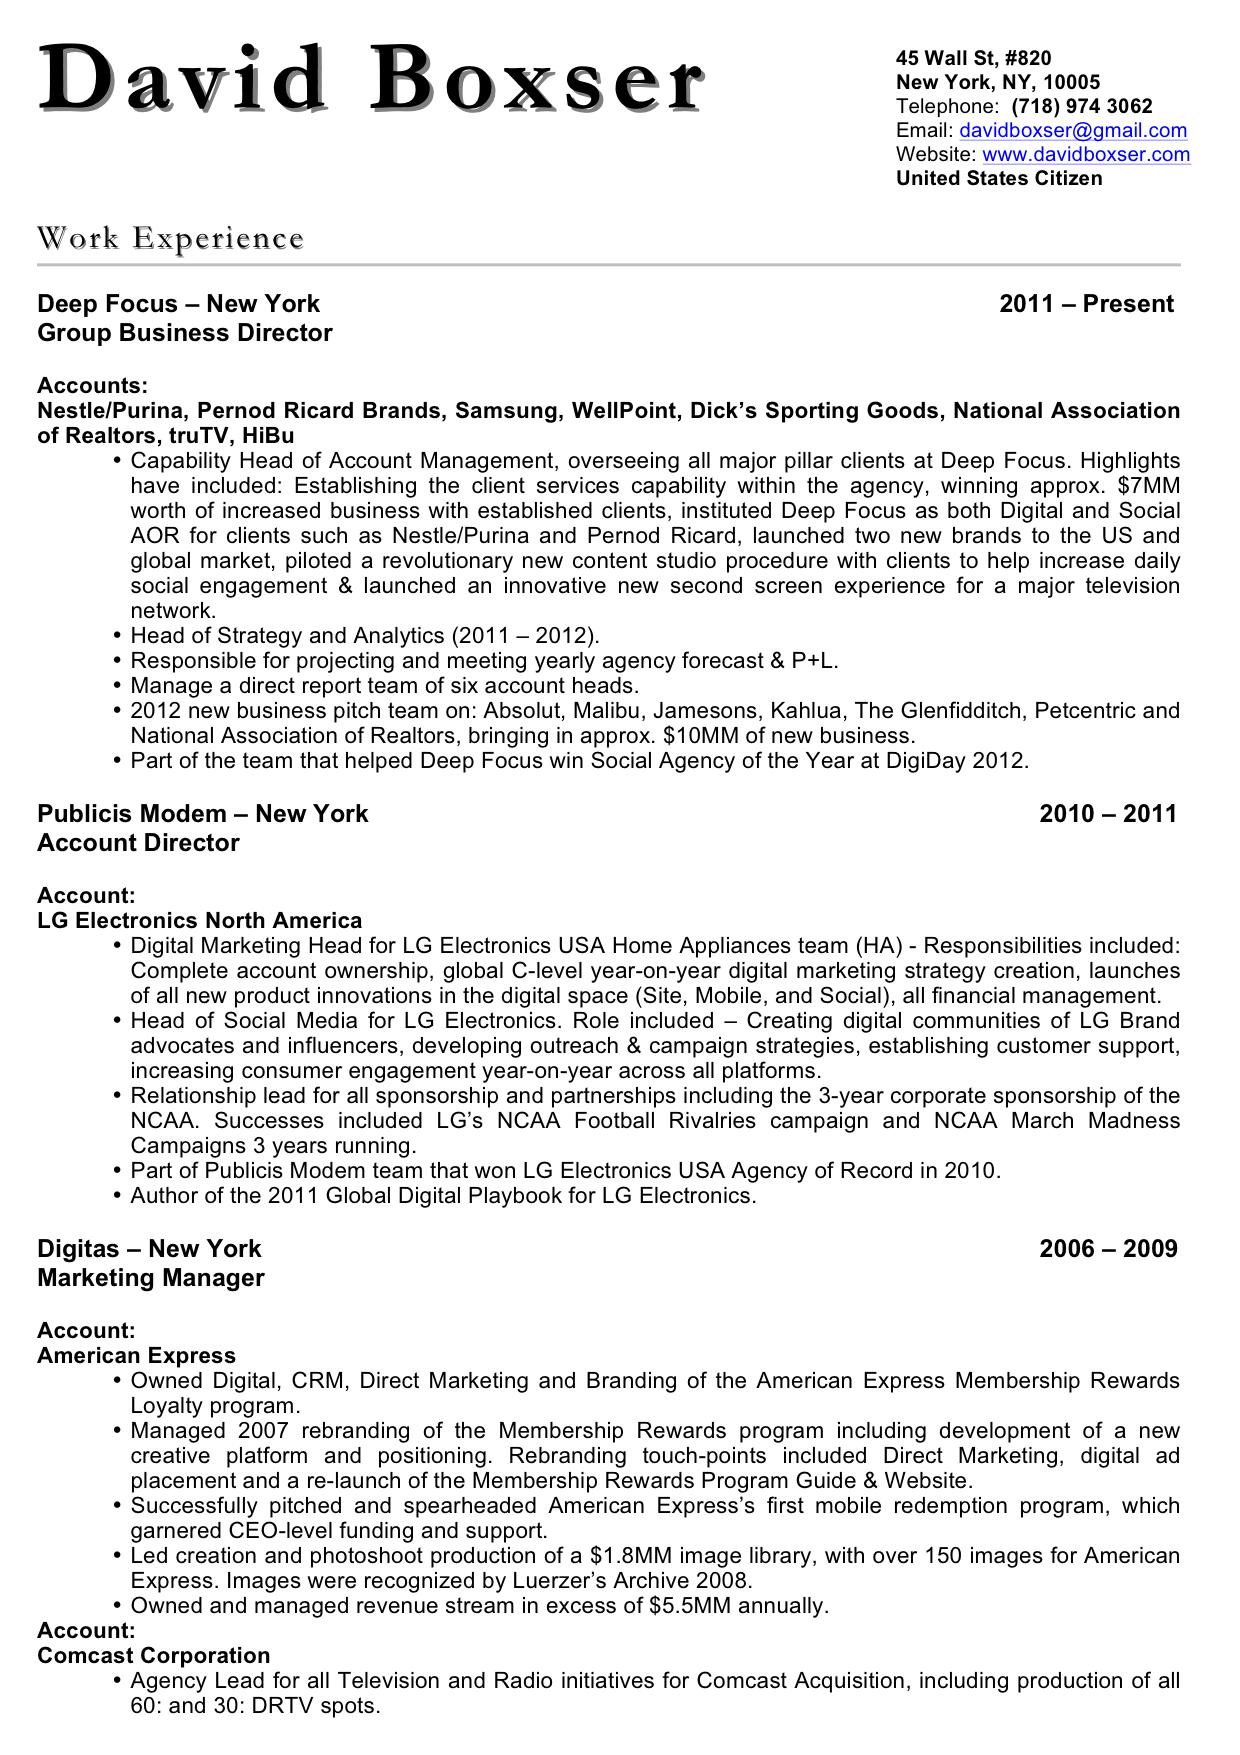 Resume Letterhead letter of interest owl purdue timmins martelle cover letter how to make cv for hotel park Resume Cover Letter Resume Examples Resume Cover Letter For